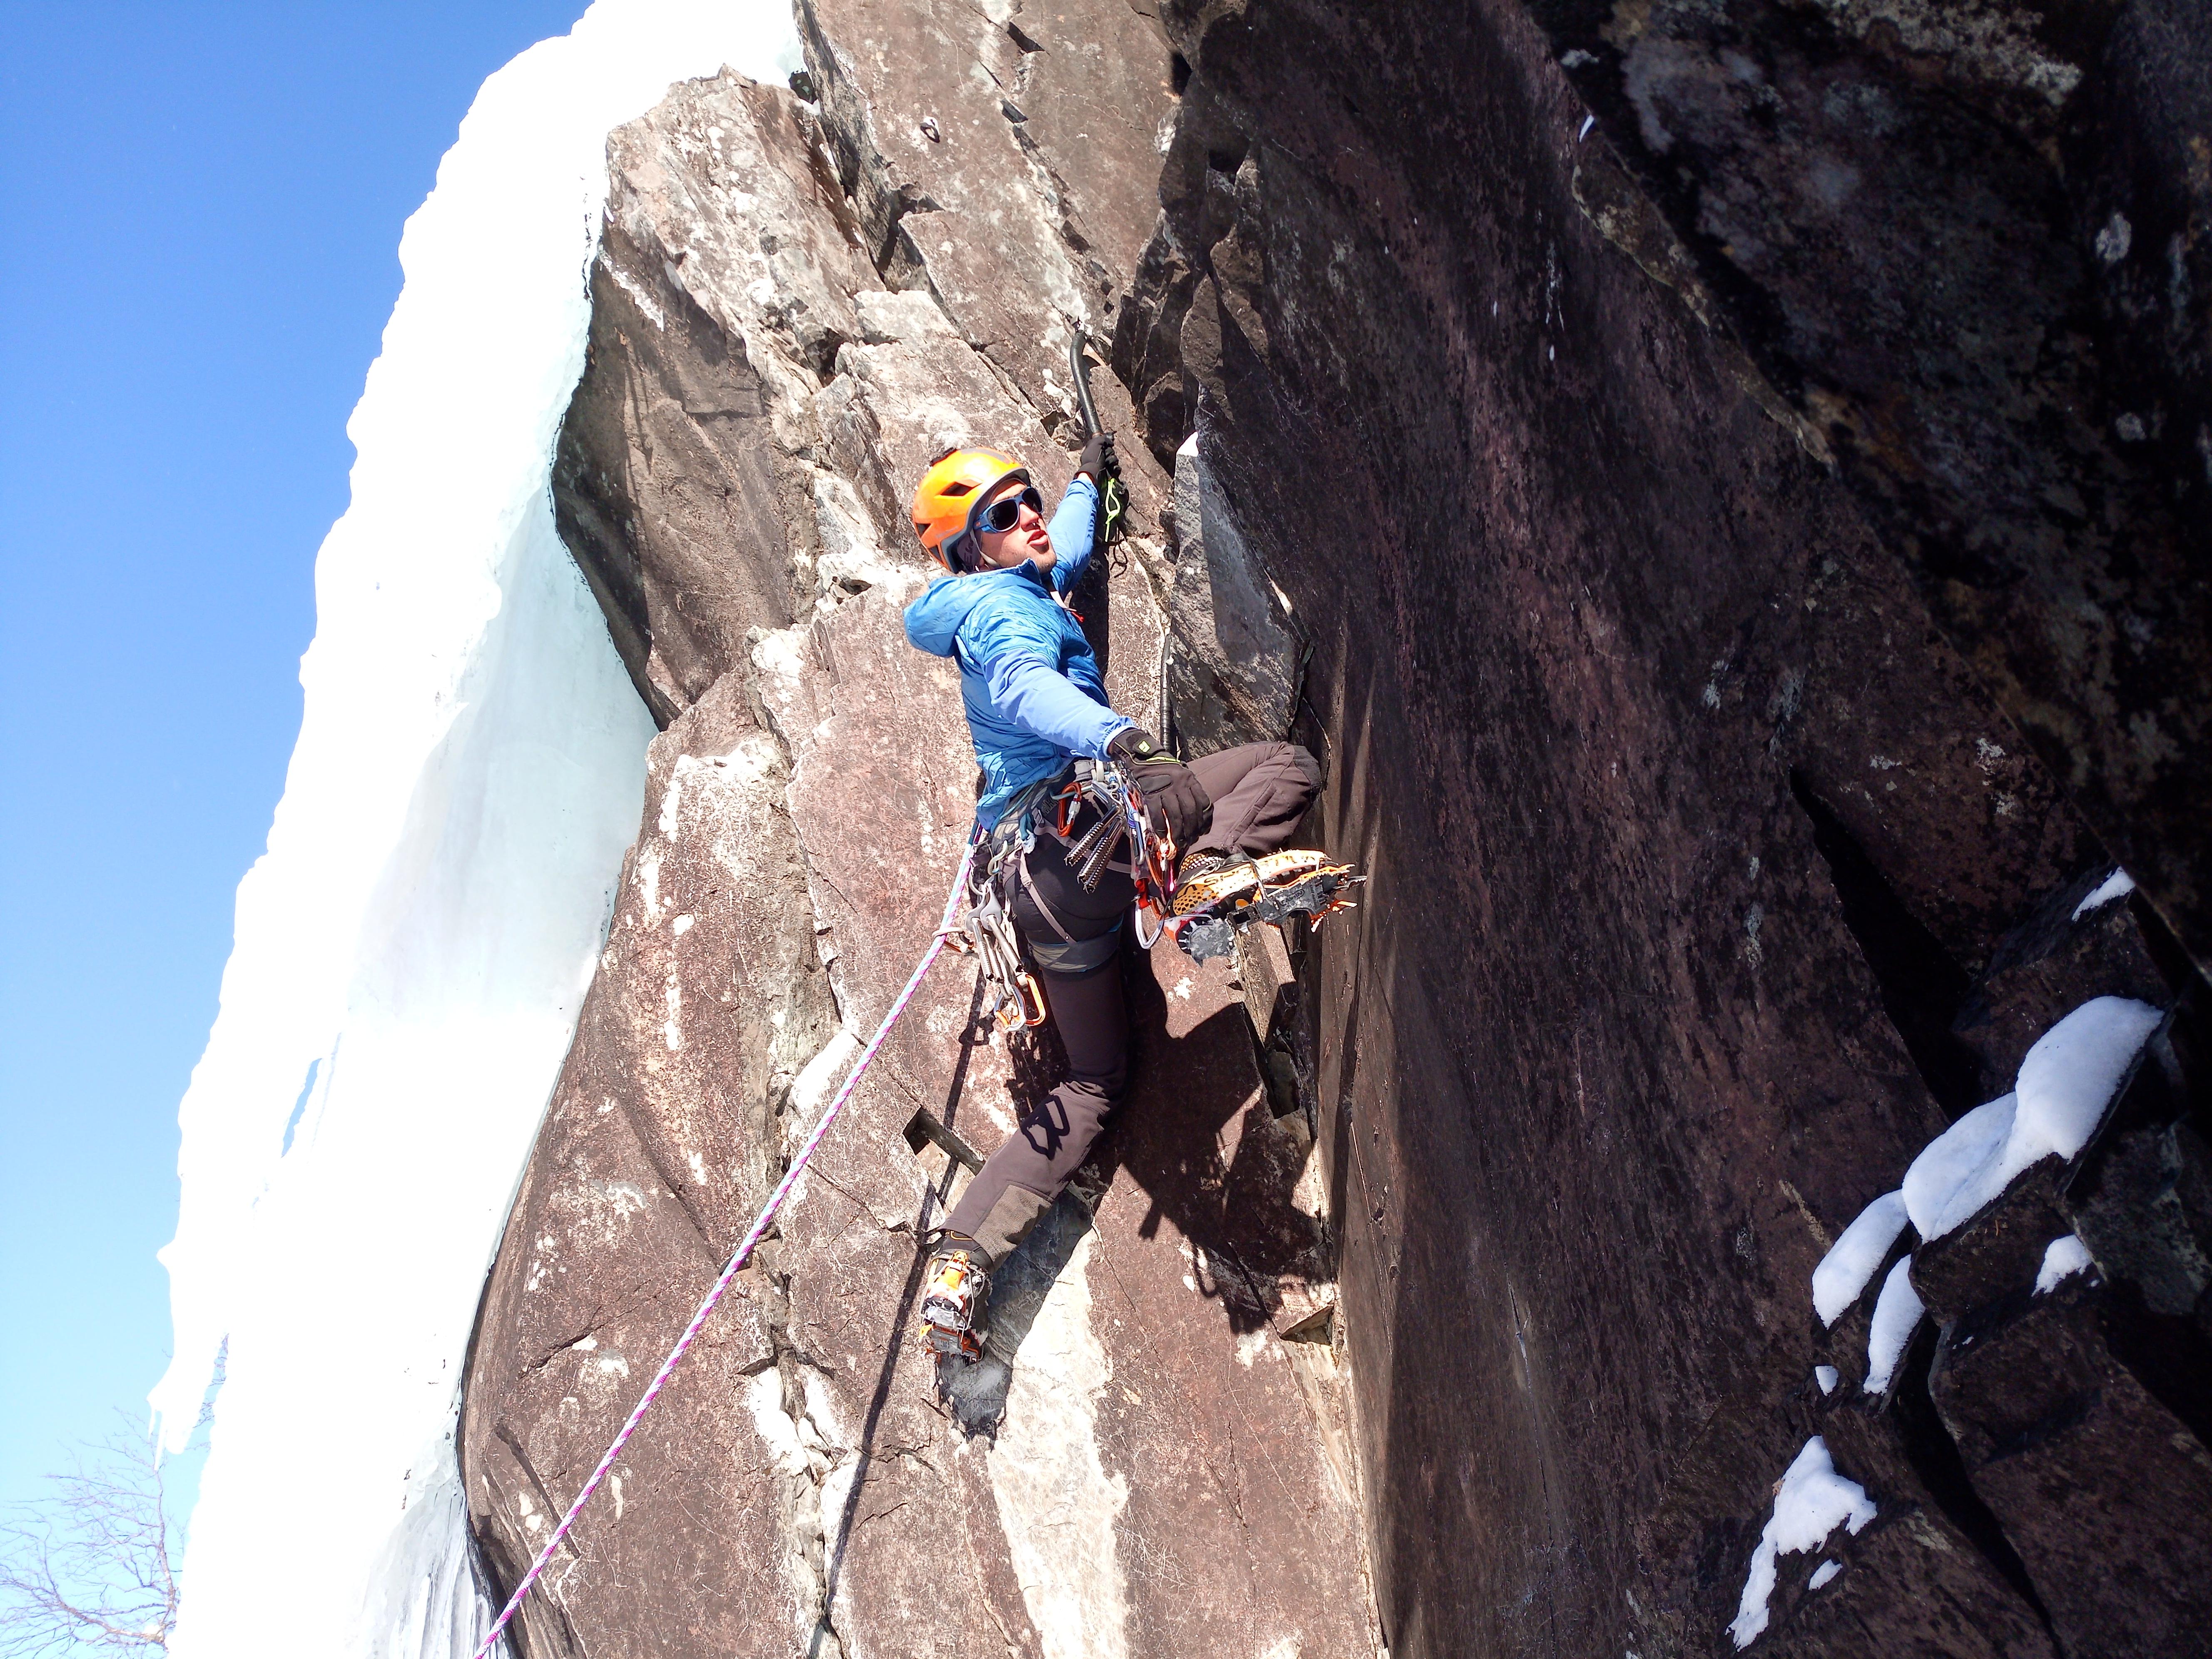 El CTAC inicia l'última concentració en gel amb grans escalades a Noruega